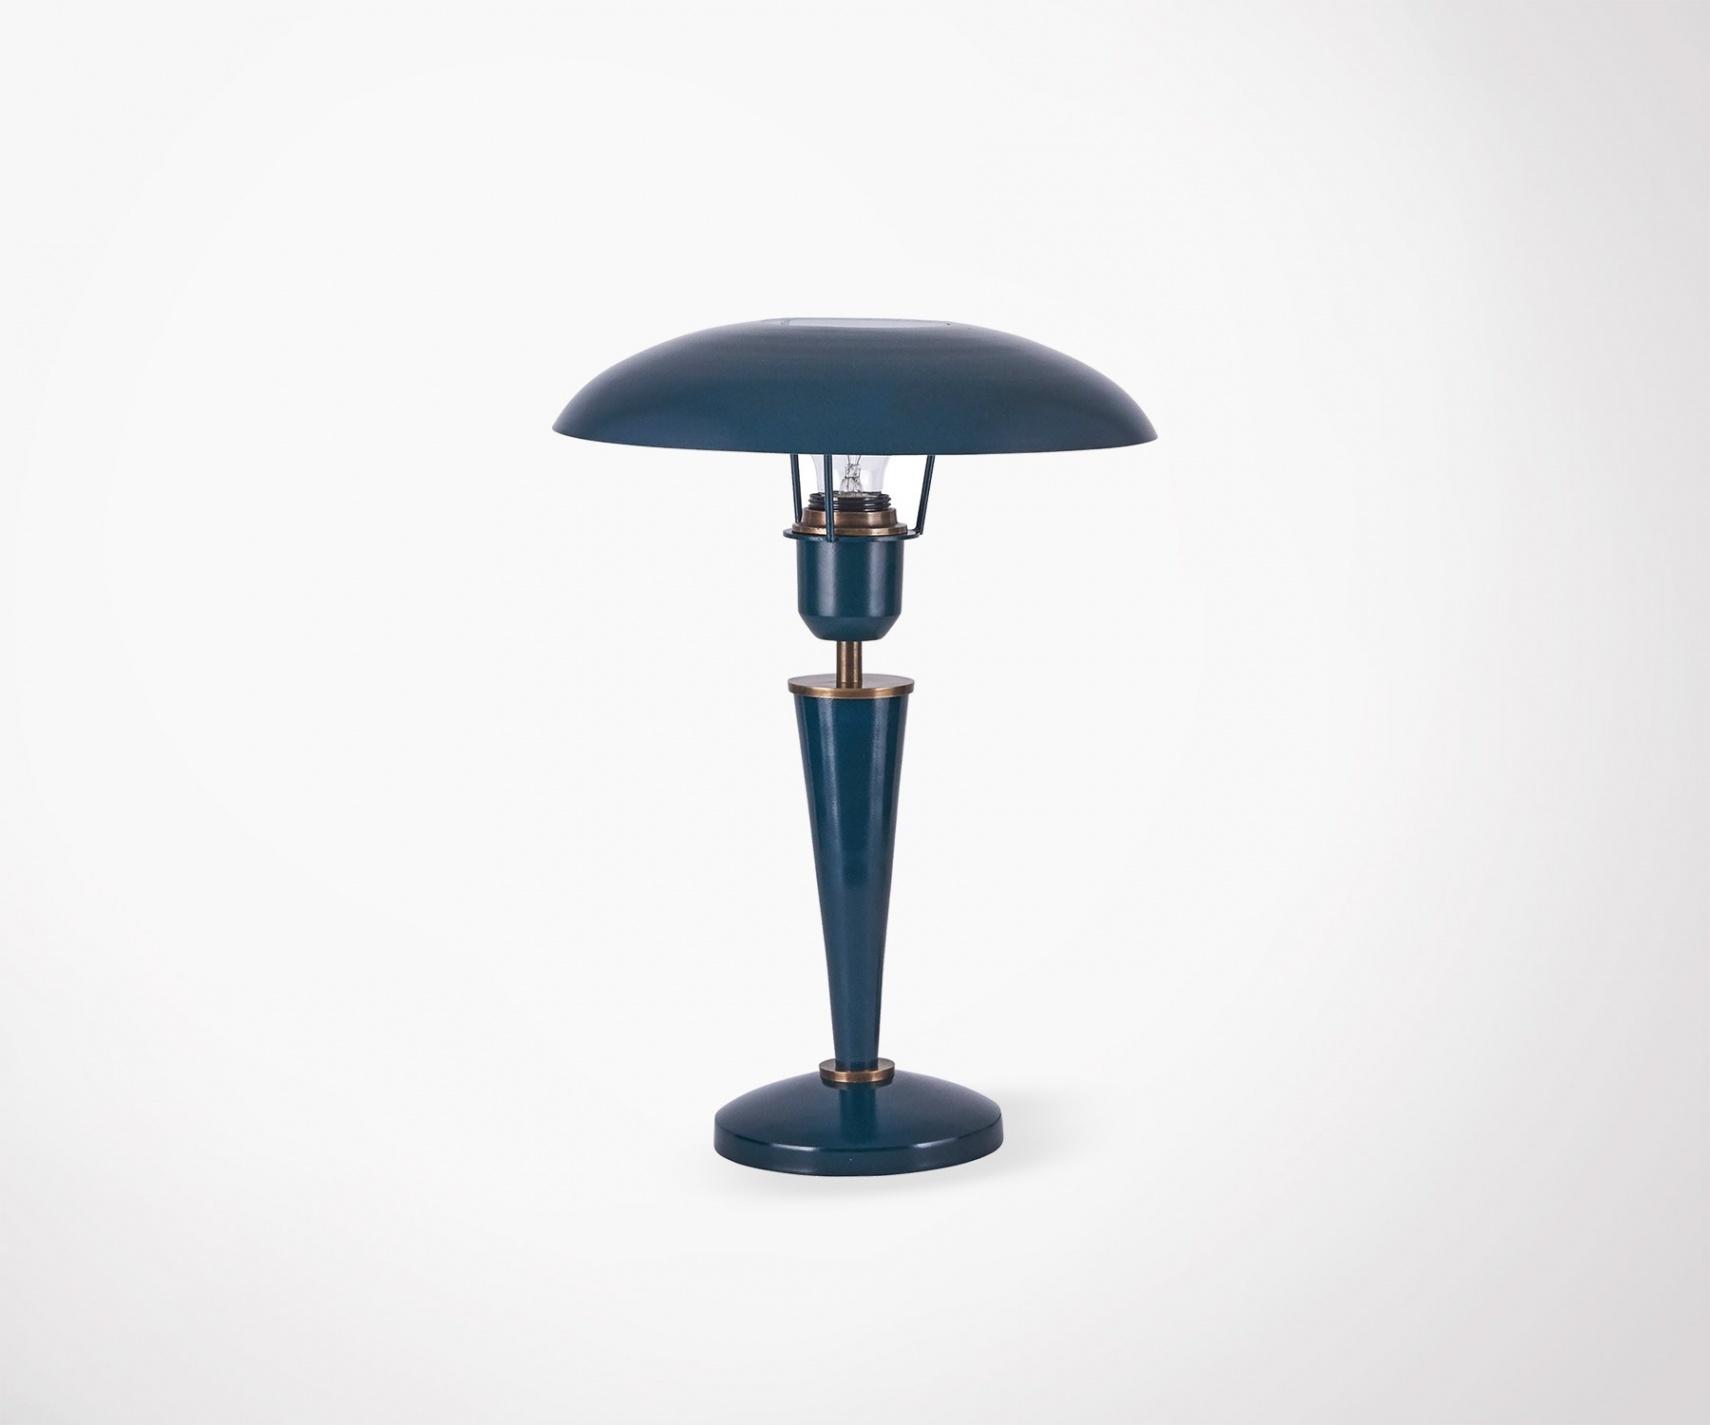 Lampe à poser sur meuble design